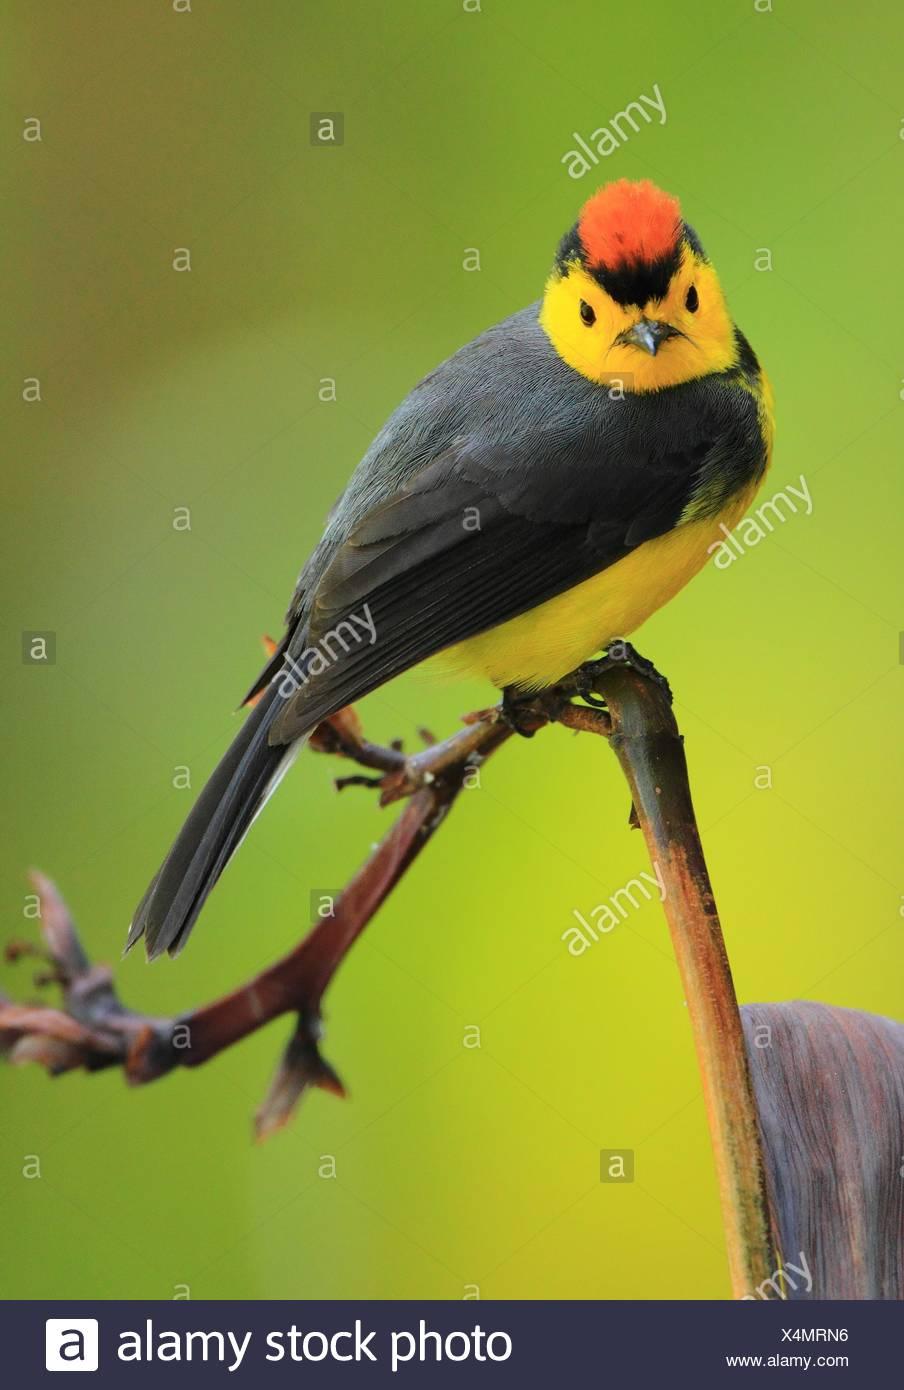 Candelita Collareja ó Amigo del hombre ( Myioborus torquatus) en el Cerro de la Muerte, San Gerardo de Dota, Costa Rica. Imagen De Stock